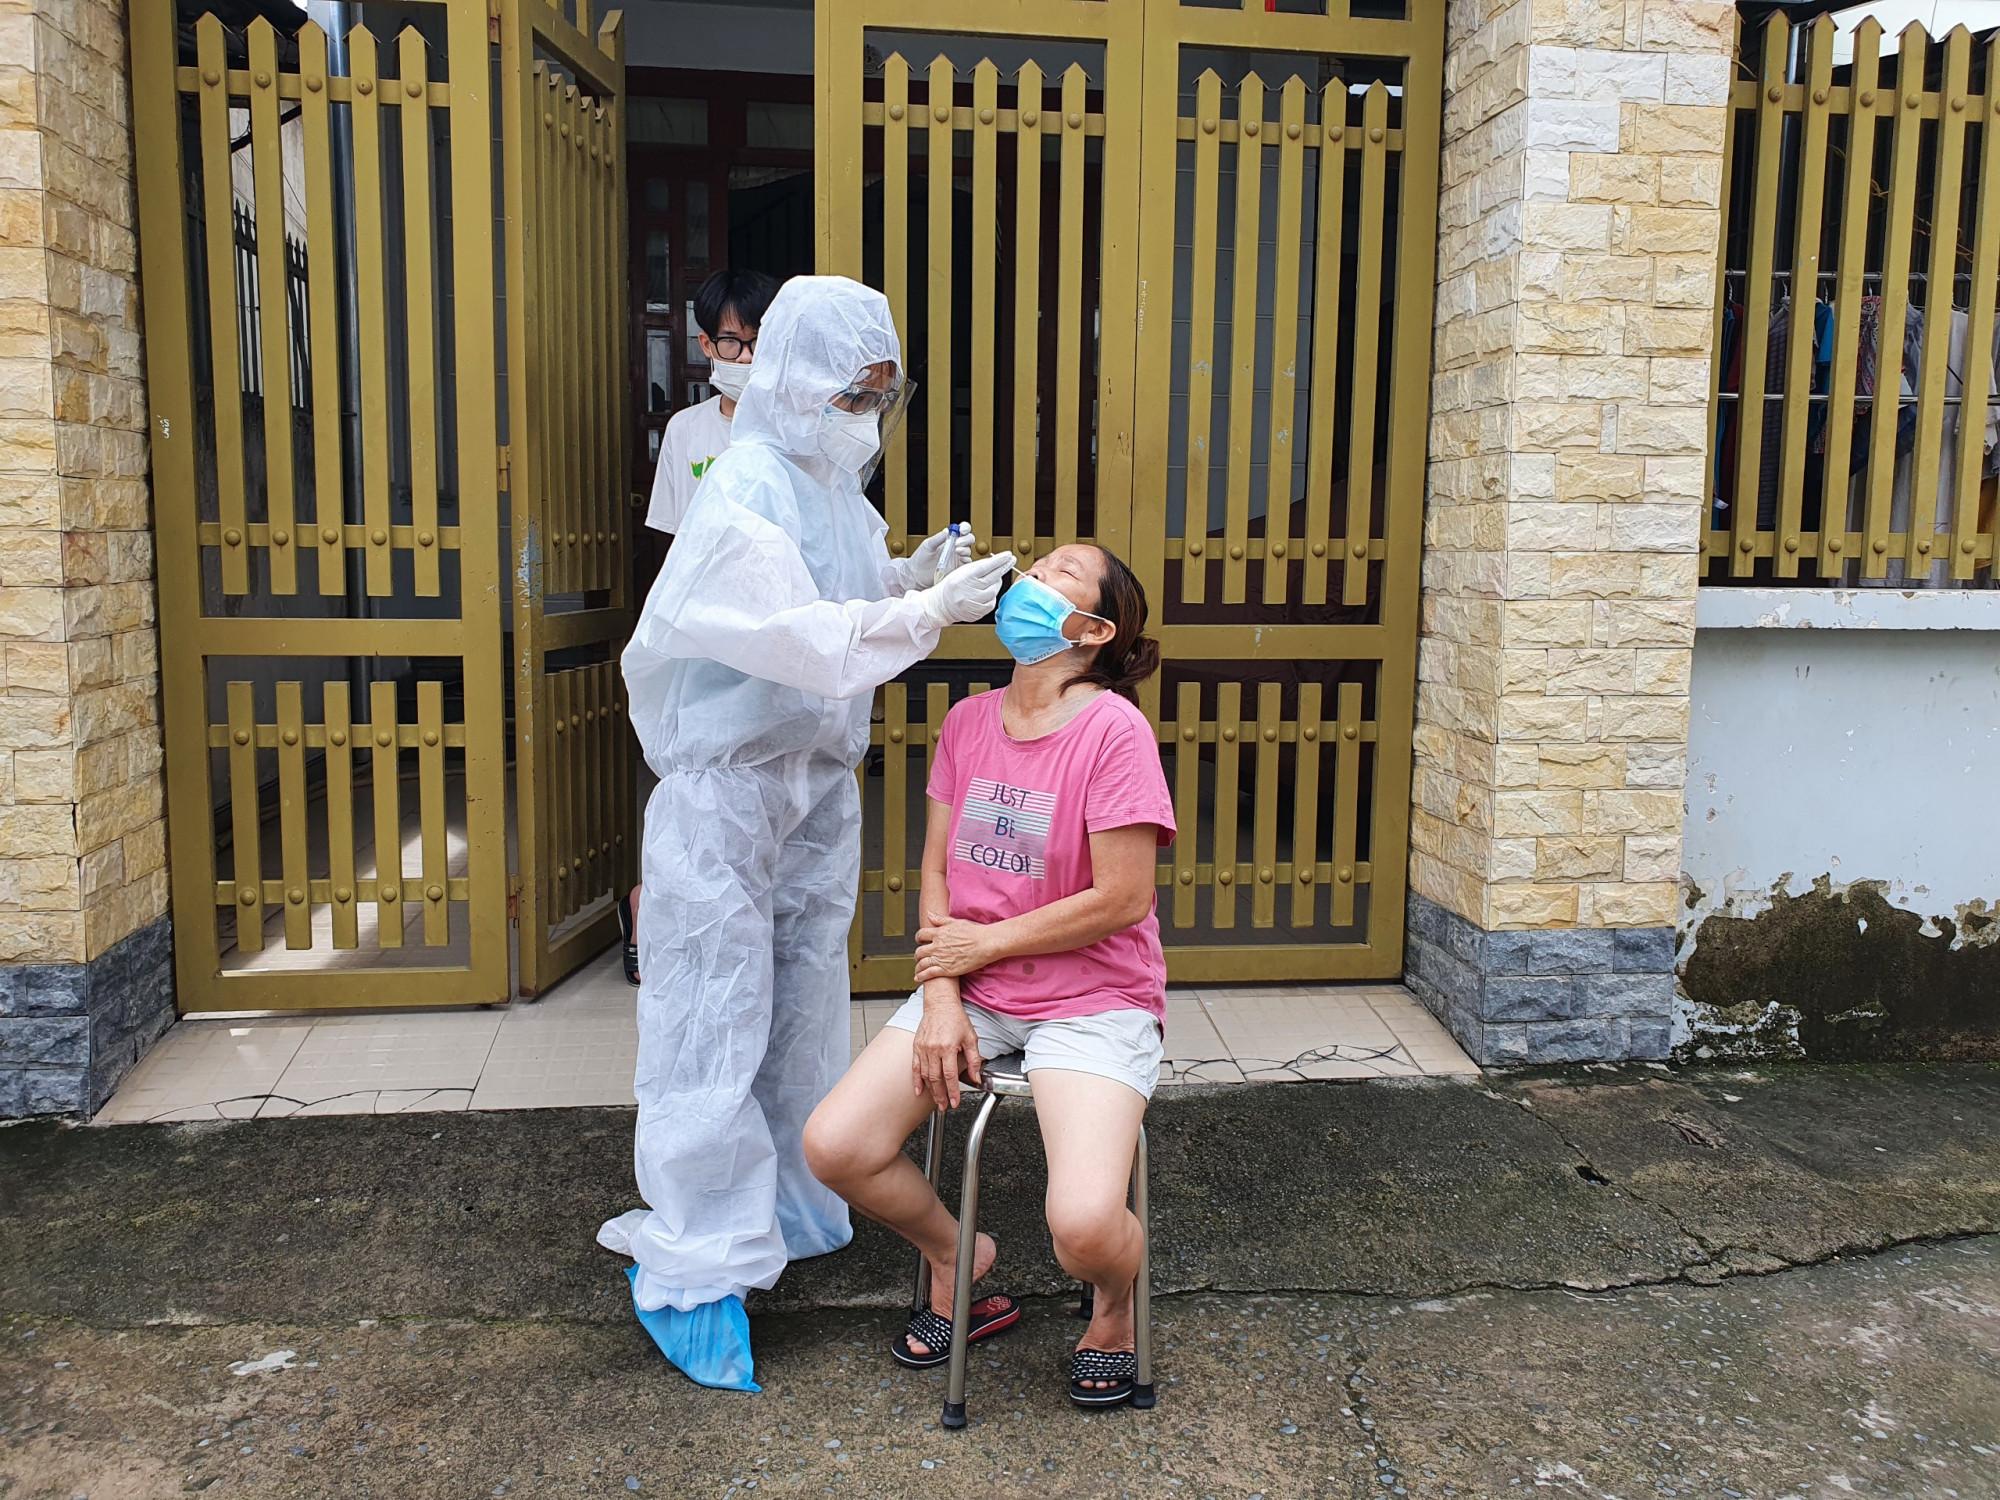 Lấy mẫu xét nghiệm cho người dân tại nhà ở xã Thạnh Phú, huyện Vĩnh Cửu